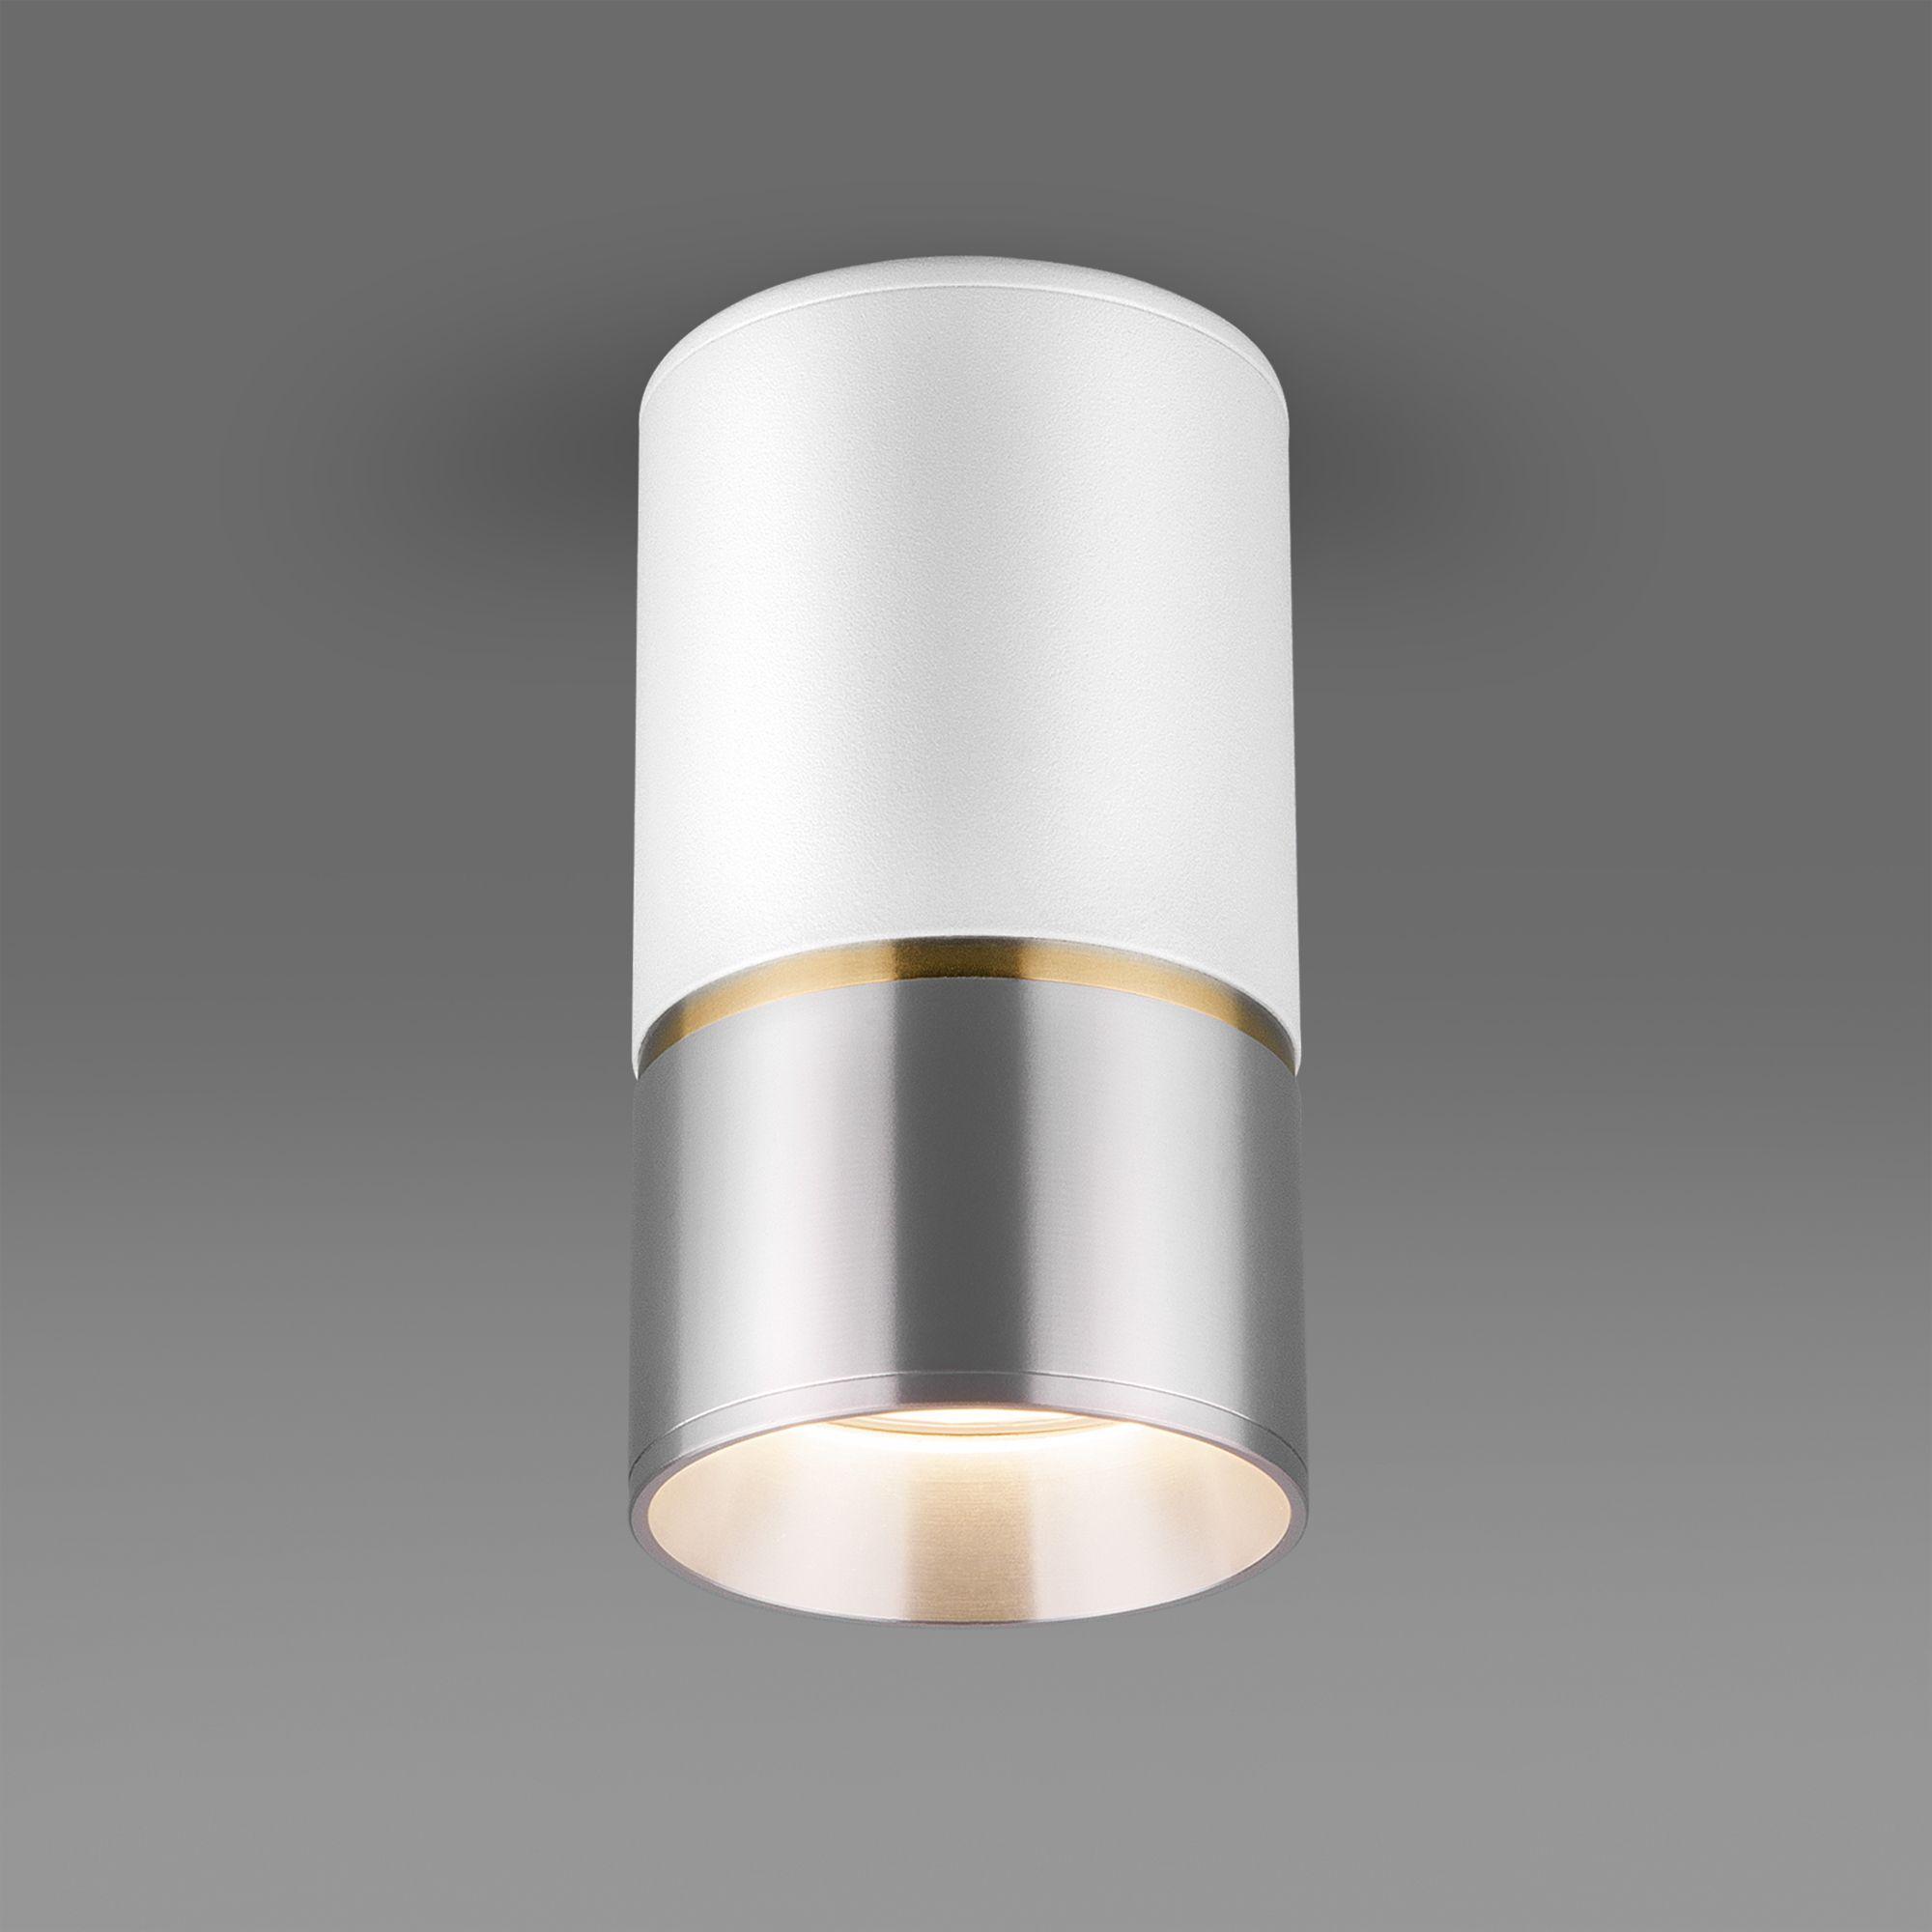 Накладной акцентный светильник DLN106 GU10